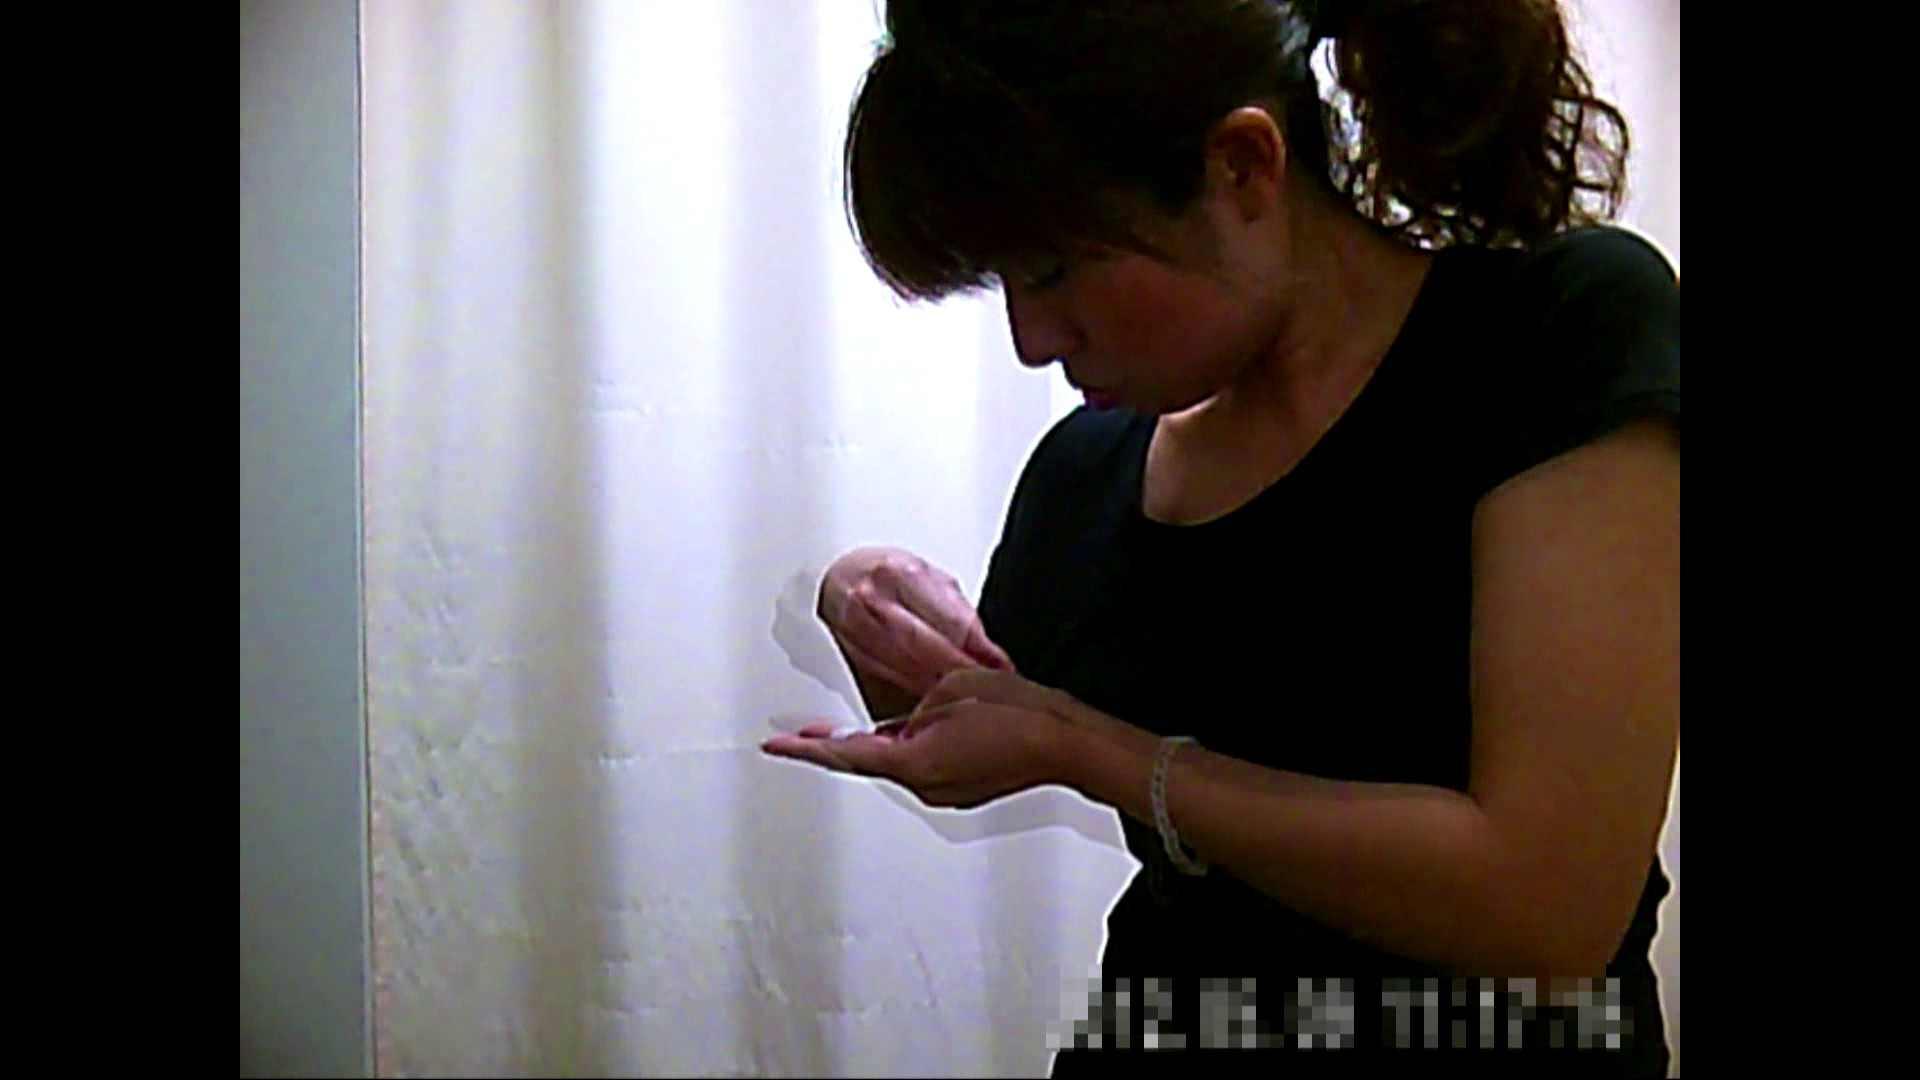 元医者による反抗 更衣室地獄絵巻 vol.002 OL | 0  26連発 21